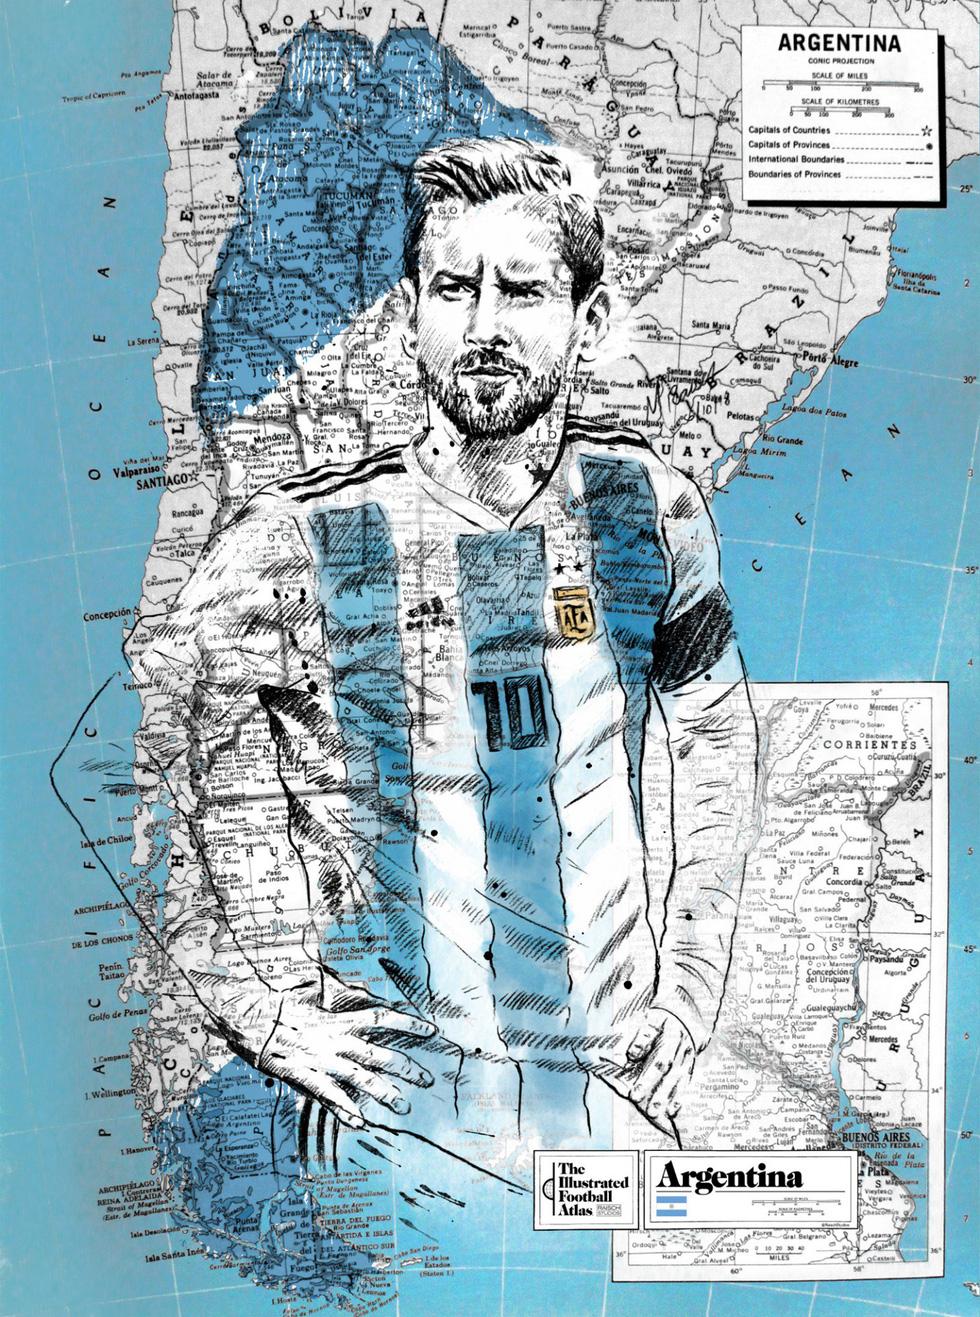 Tình yêu bóng đá và bản đồ độc lạ của fan ruột World Cup - Ảnh 4.